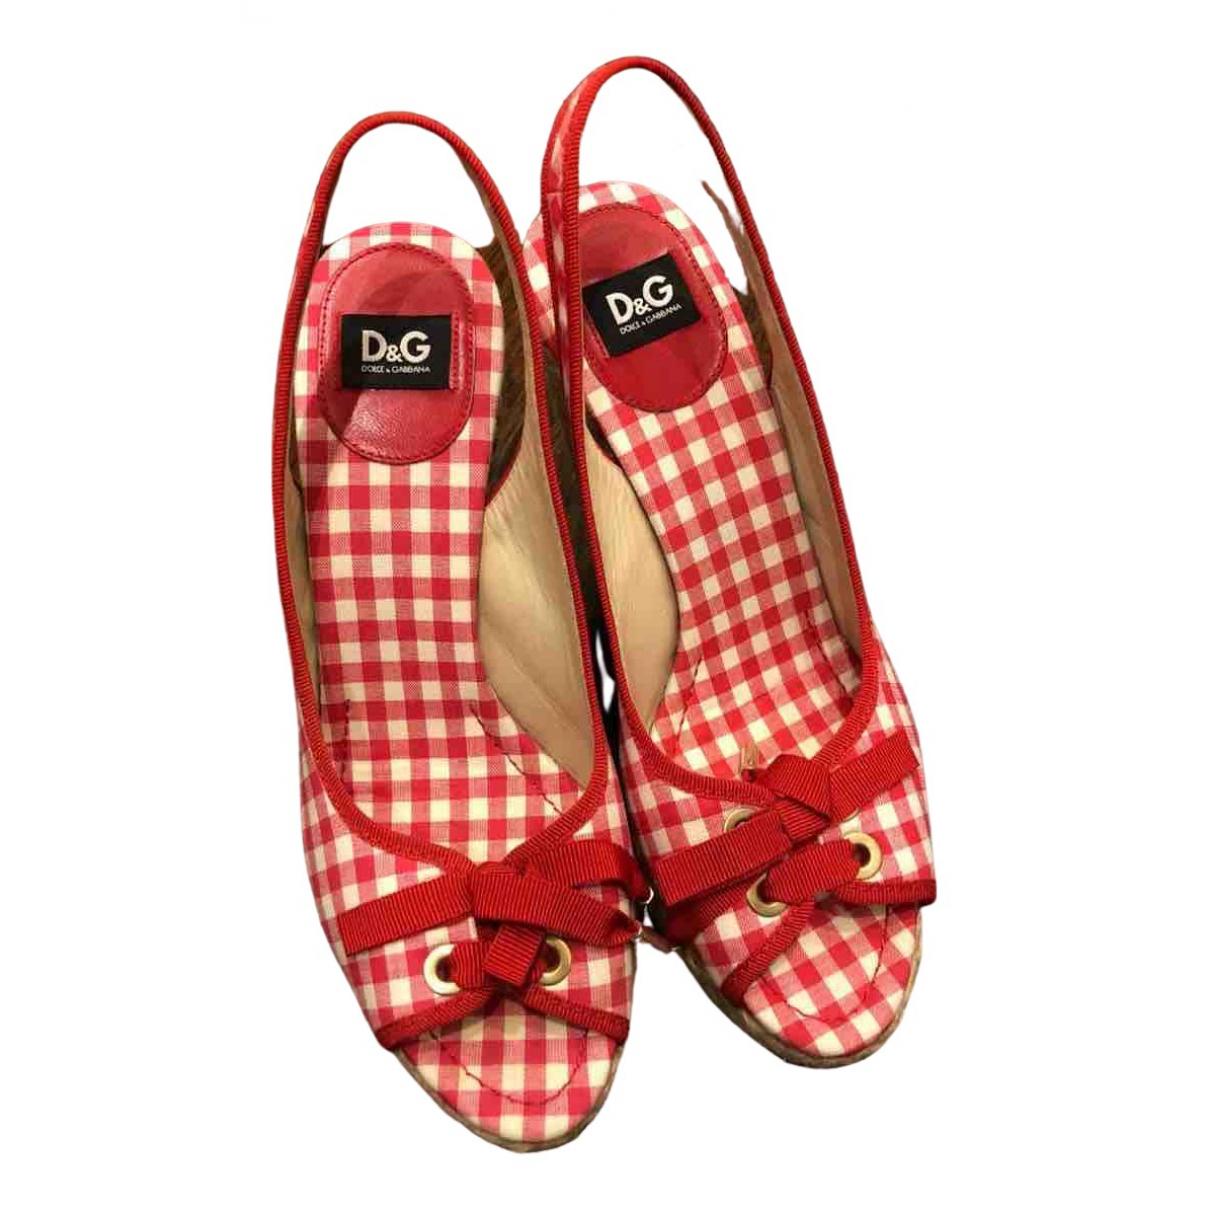 D&g - Sandales   pour femme en toile - rouge